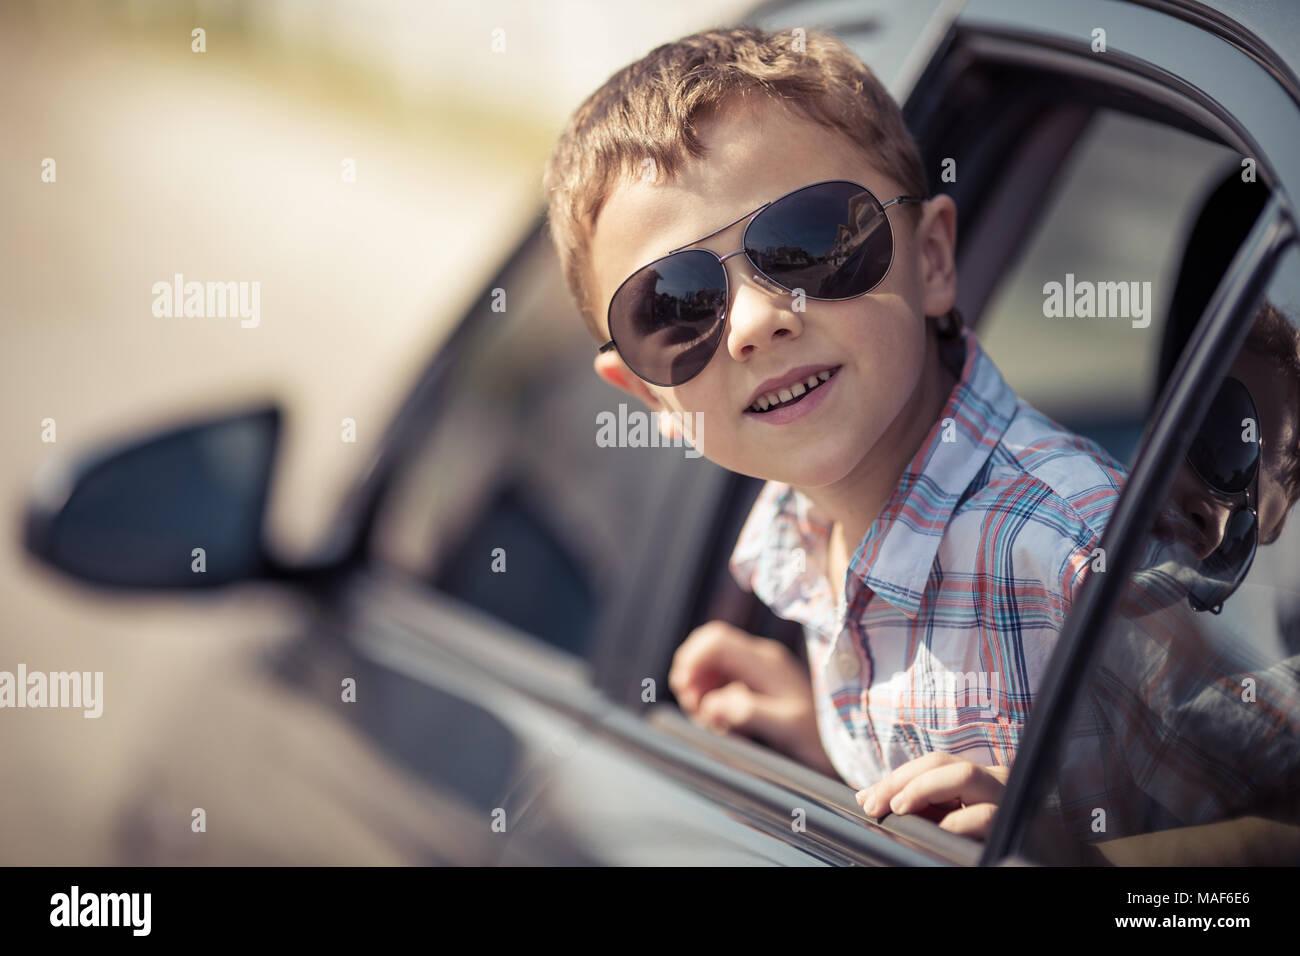 Una felice piccolo ragazzo seduto in macchina al giorno. Concetto di vacanza estiva. Immagini Stock